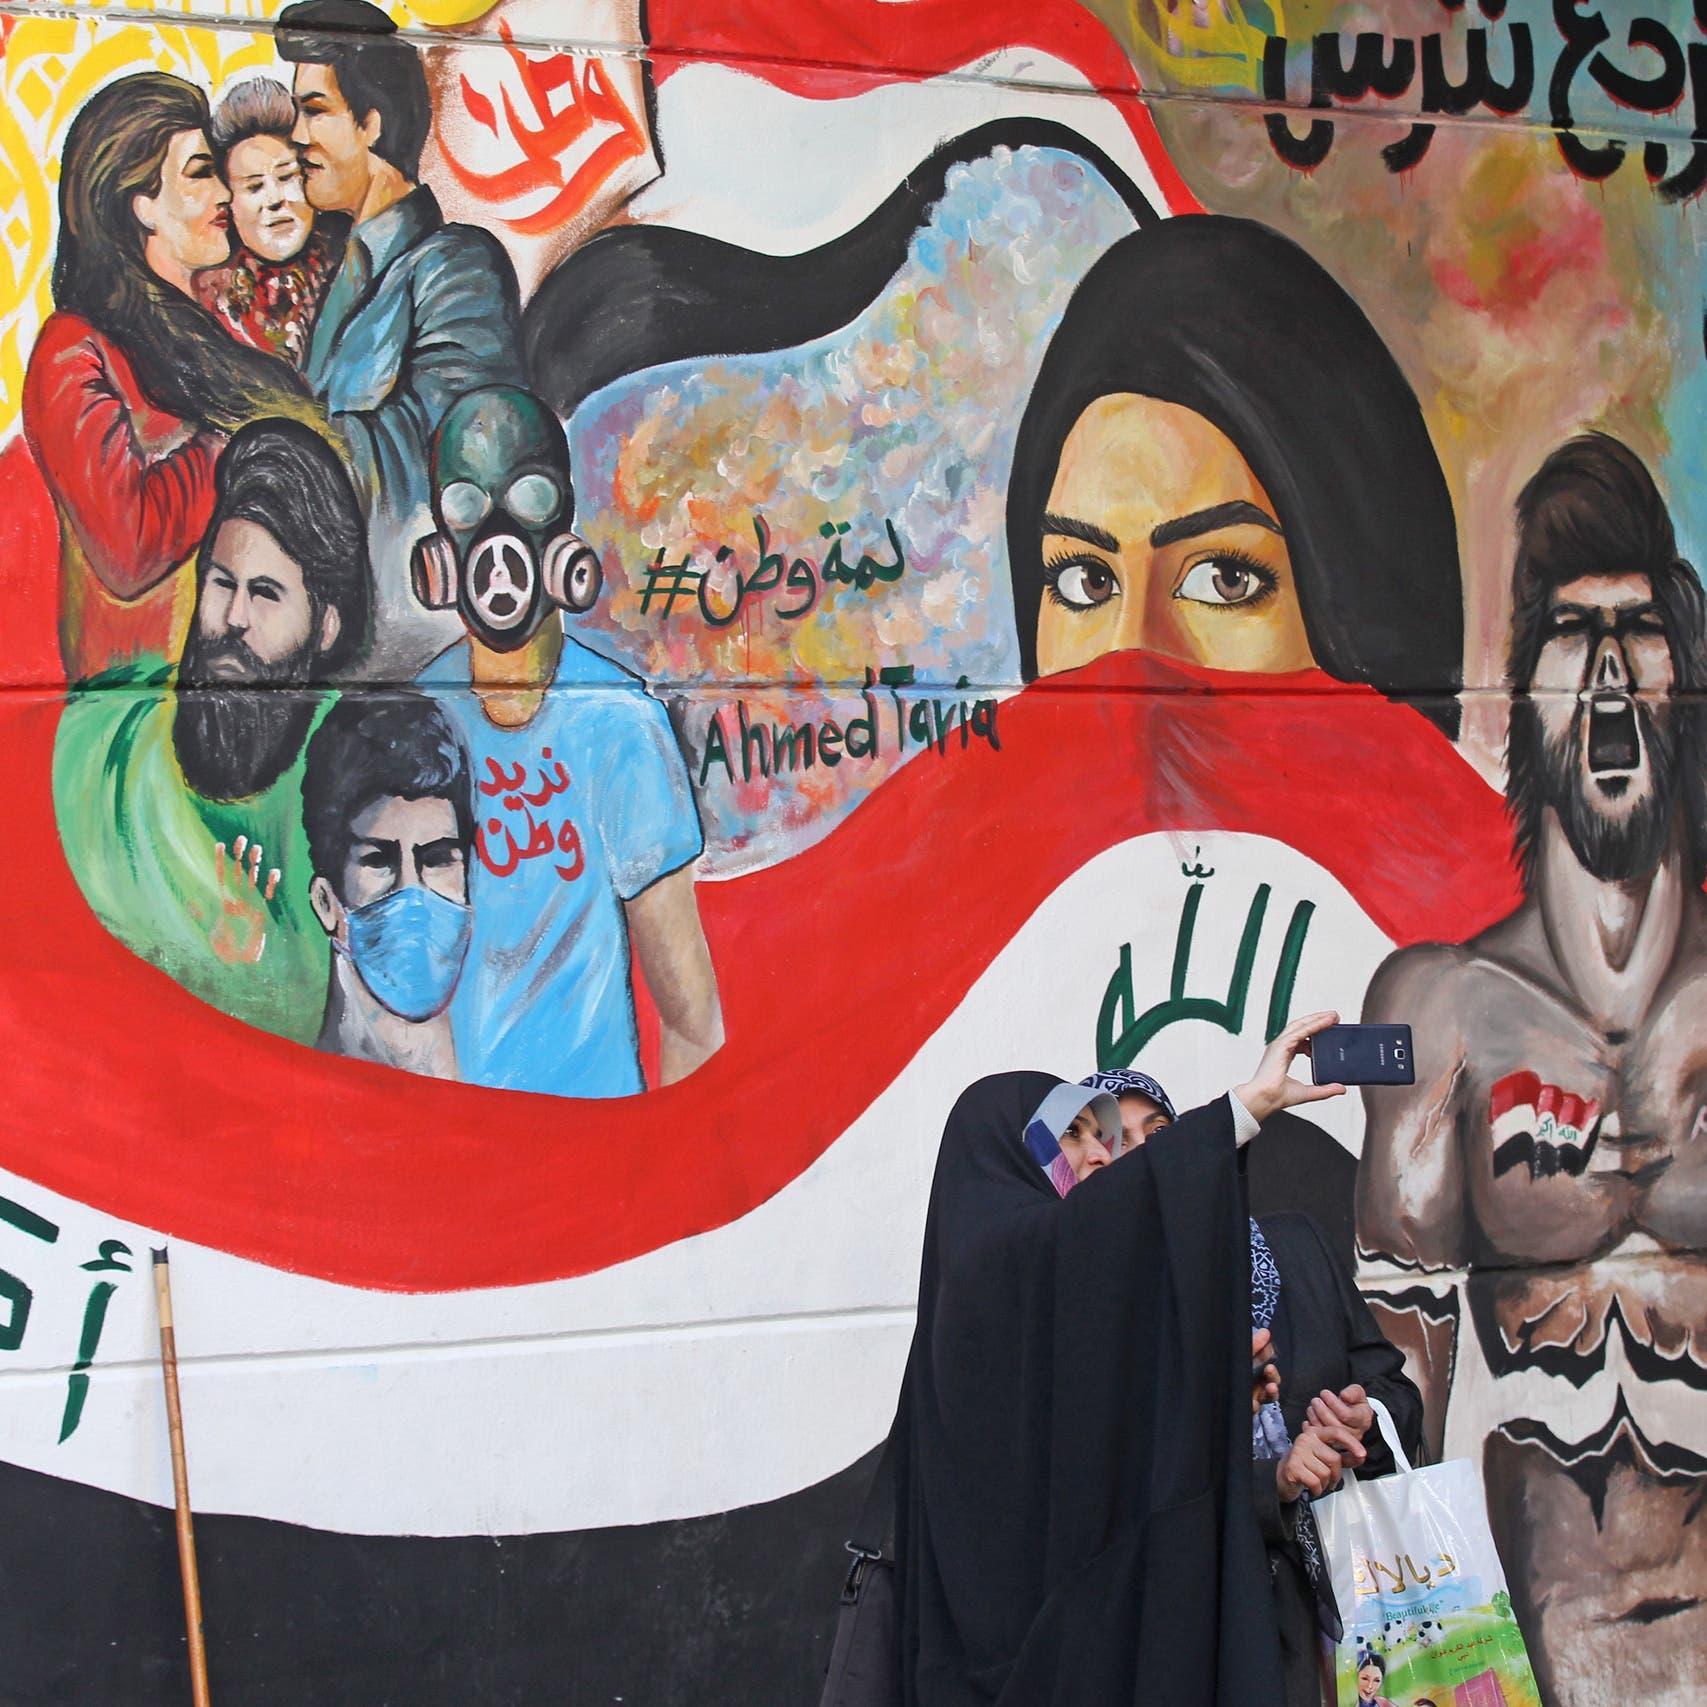 العراق.. لا توافق على تسمية رئيس الحكومة وانتهاء المهلة الدستورية